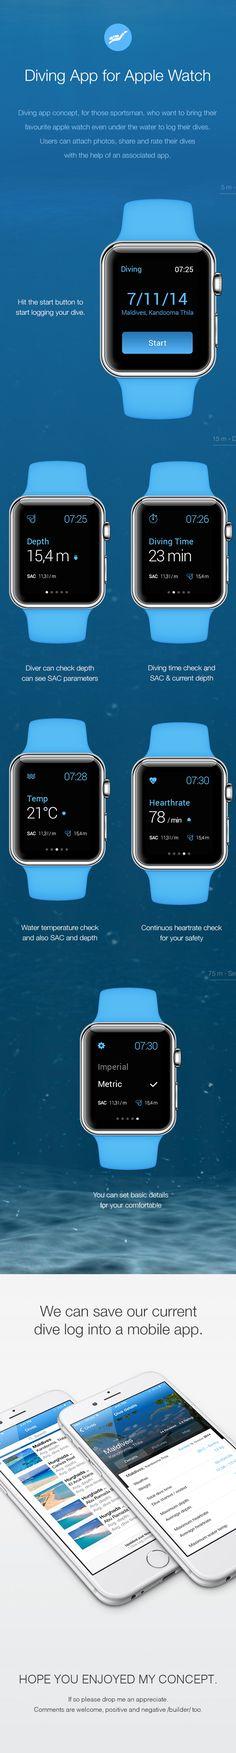 Apple watch diving app